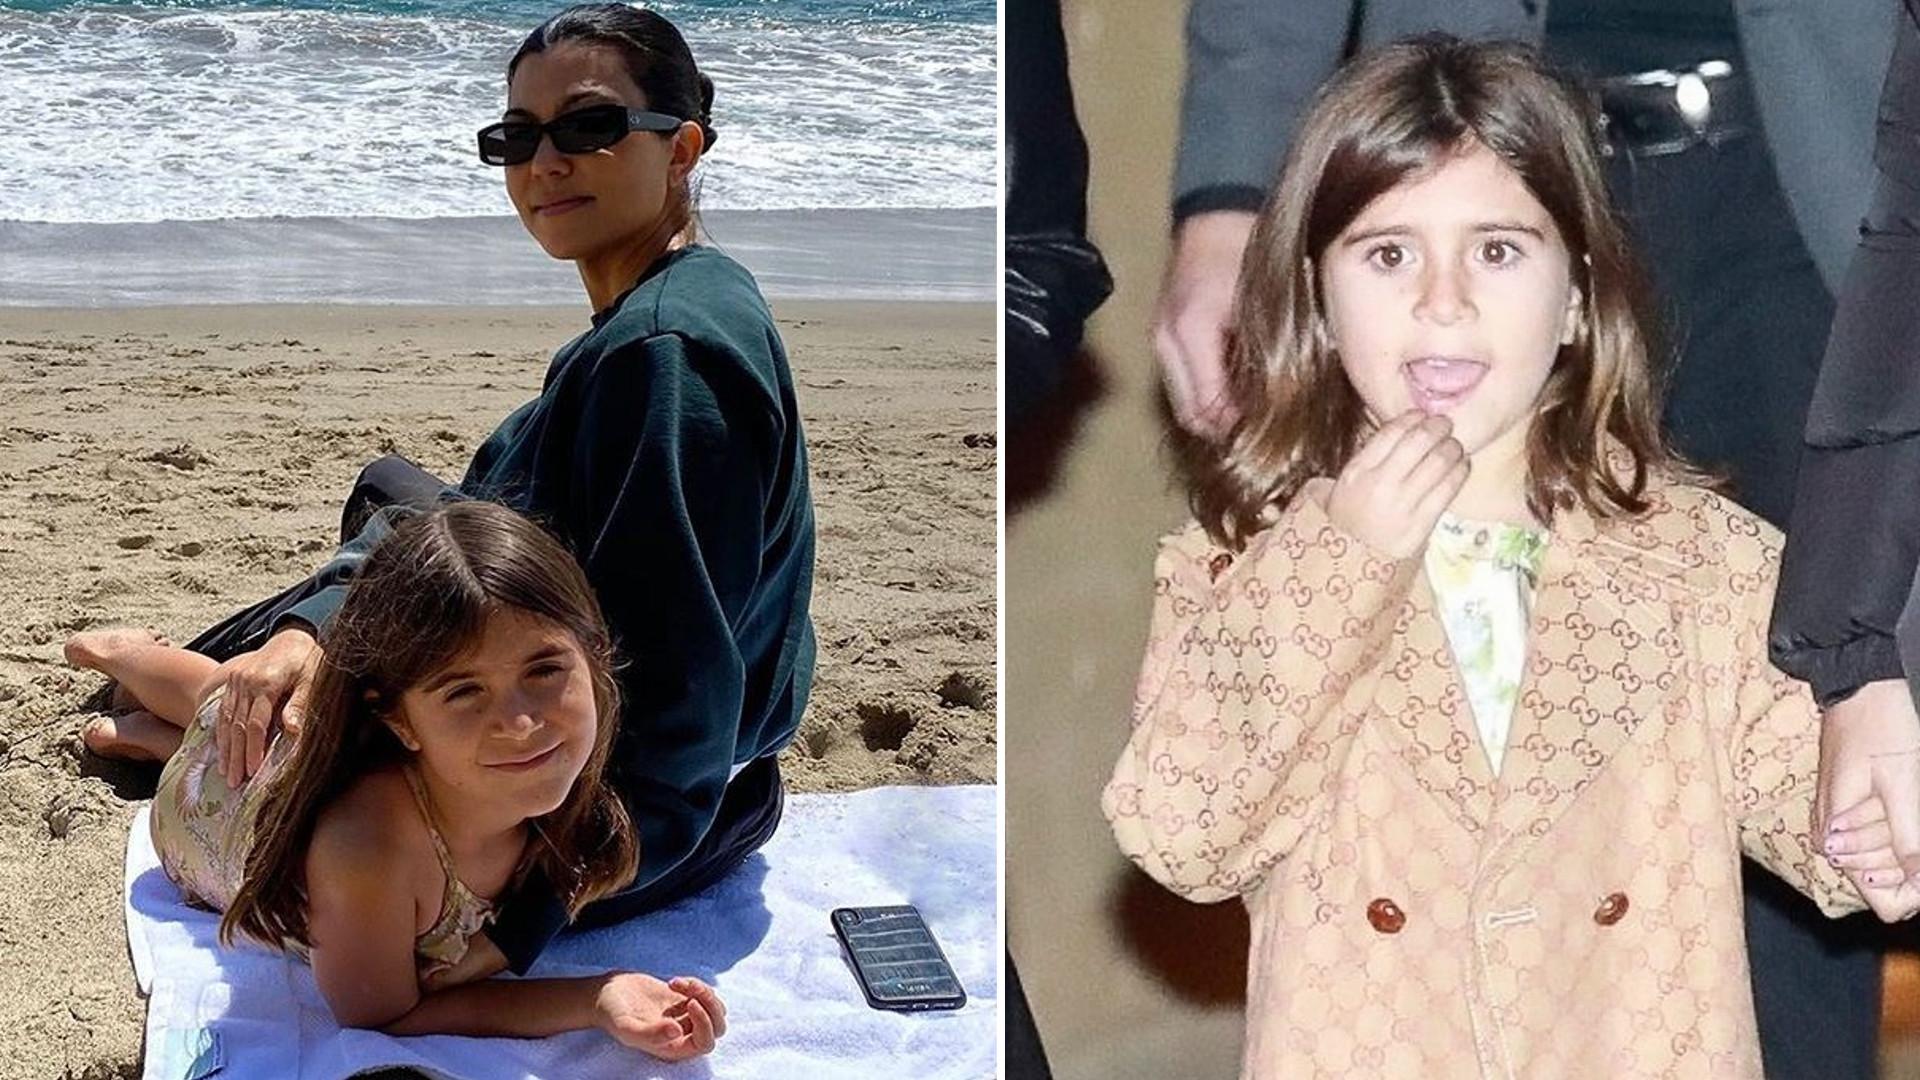 7-letnia córka Kourtney Kardashian, Penelope chodzi w butach na obcasie